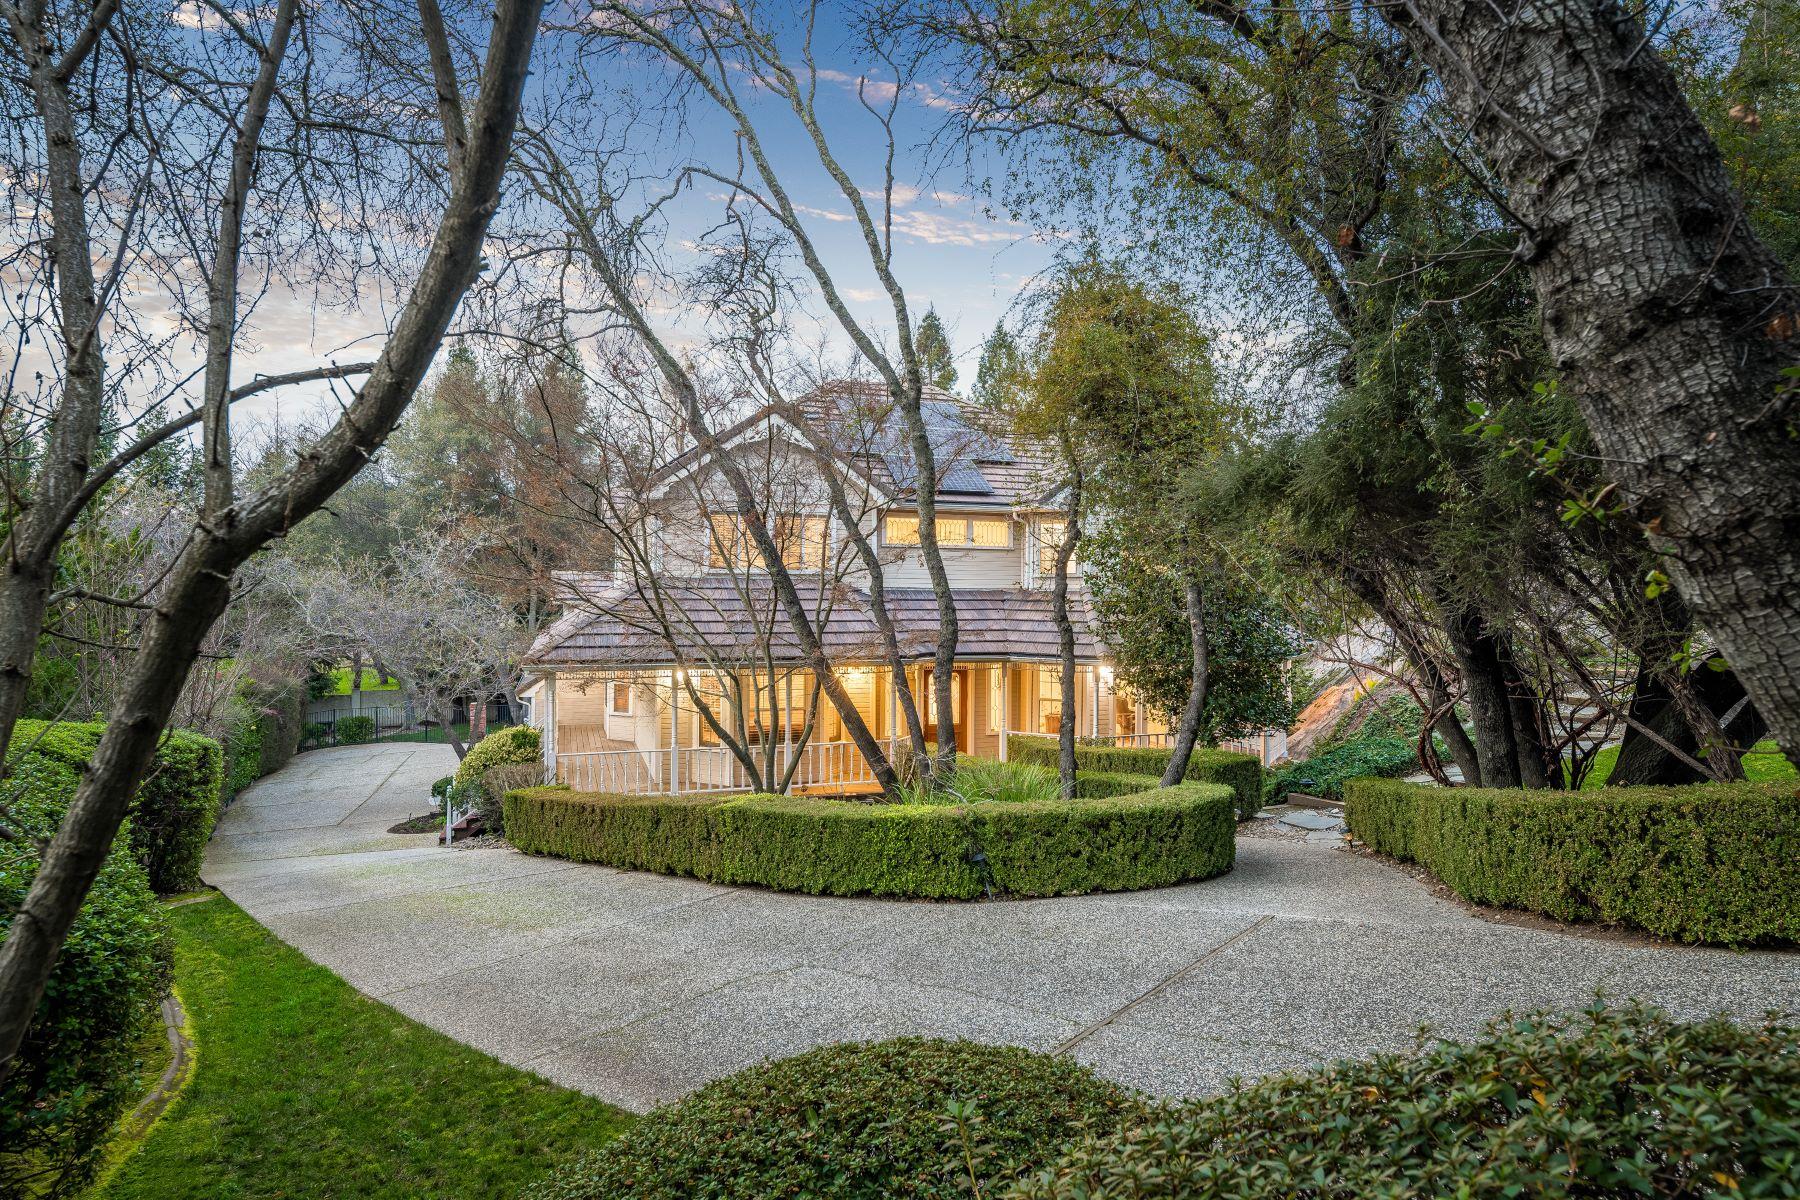 Casa Unifamiliar por un Venta en 8940 N Seville, Granite Bay, CA 95746 8940 N Seville Granite Bay, California 95746 Estados Unidos